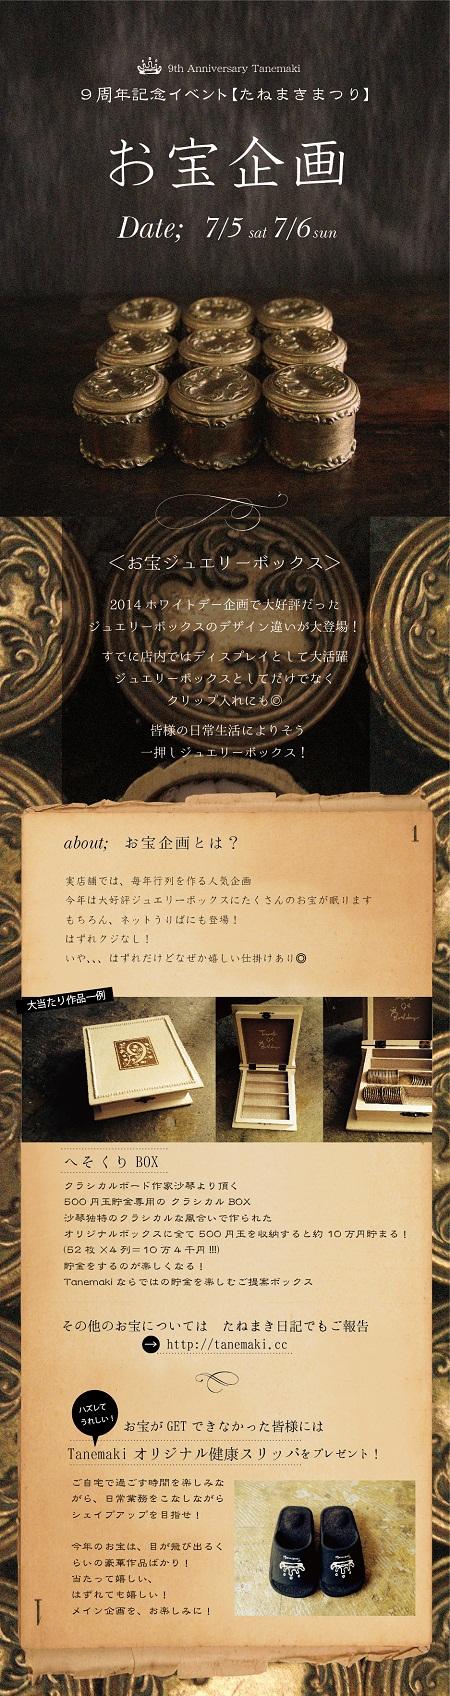 9th_Otakara_HP3.jpg